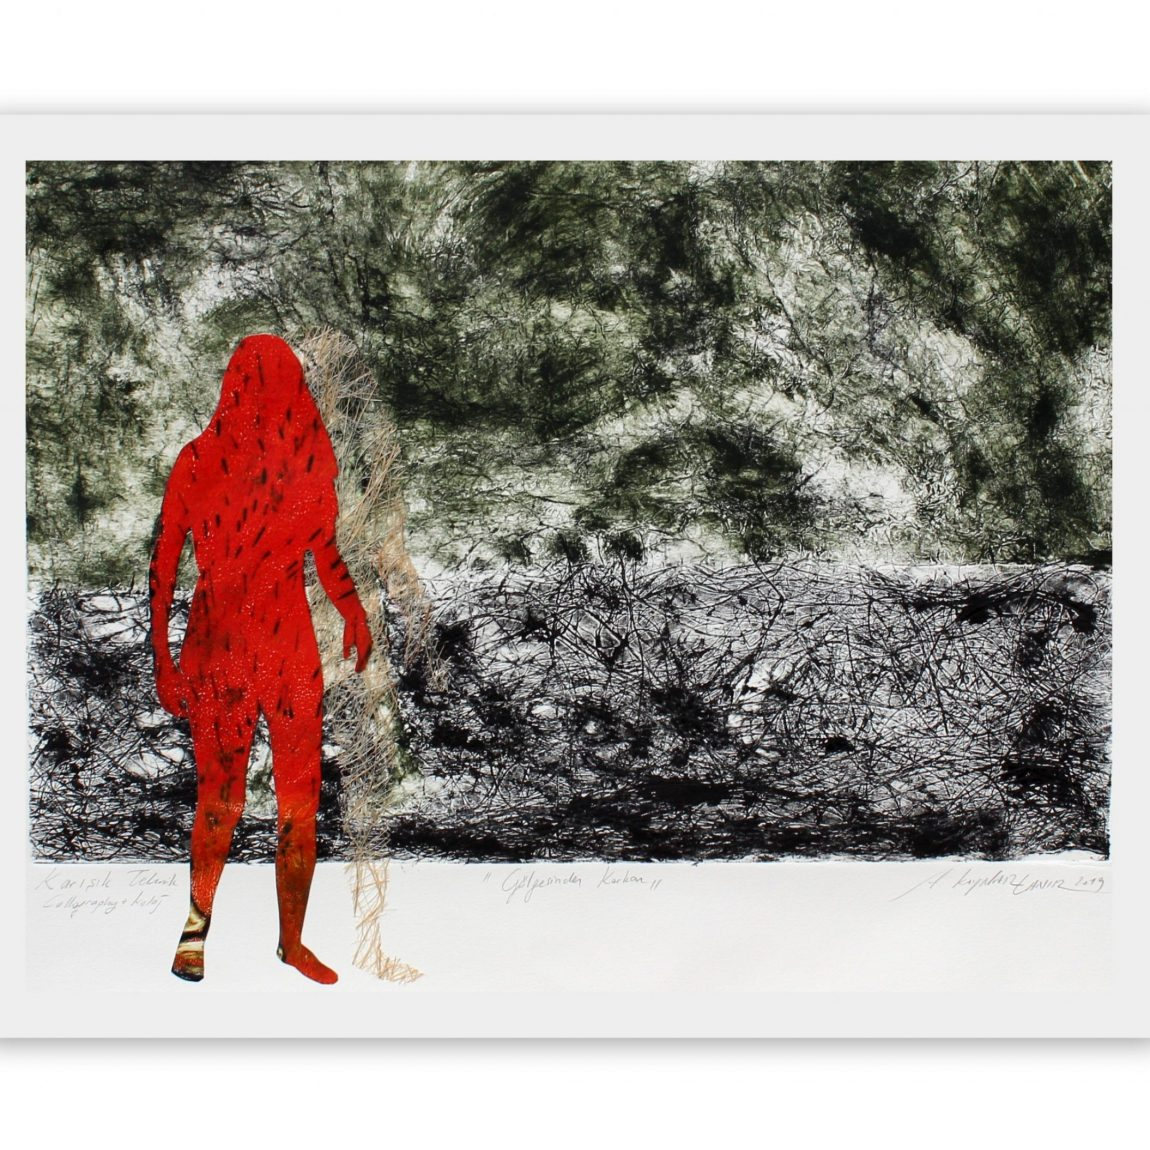 """Sanatçı : Ayben Kaynar Tanır - Eser Adı:""""Gölgesinden Korkan"""" - Teknik: Karışık Teknik - Ölçü: 56 x 74 cm - Fiyat : 2.950 TL"""